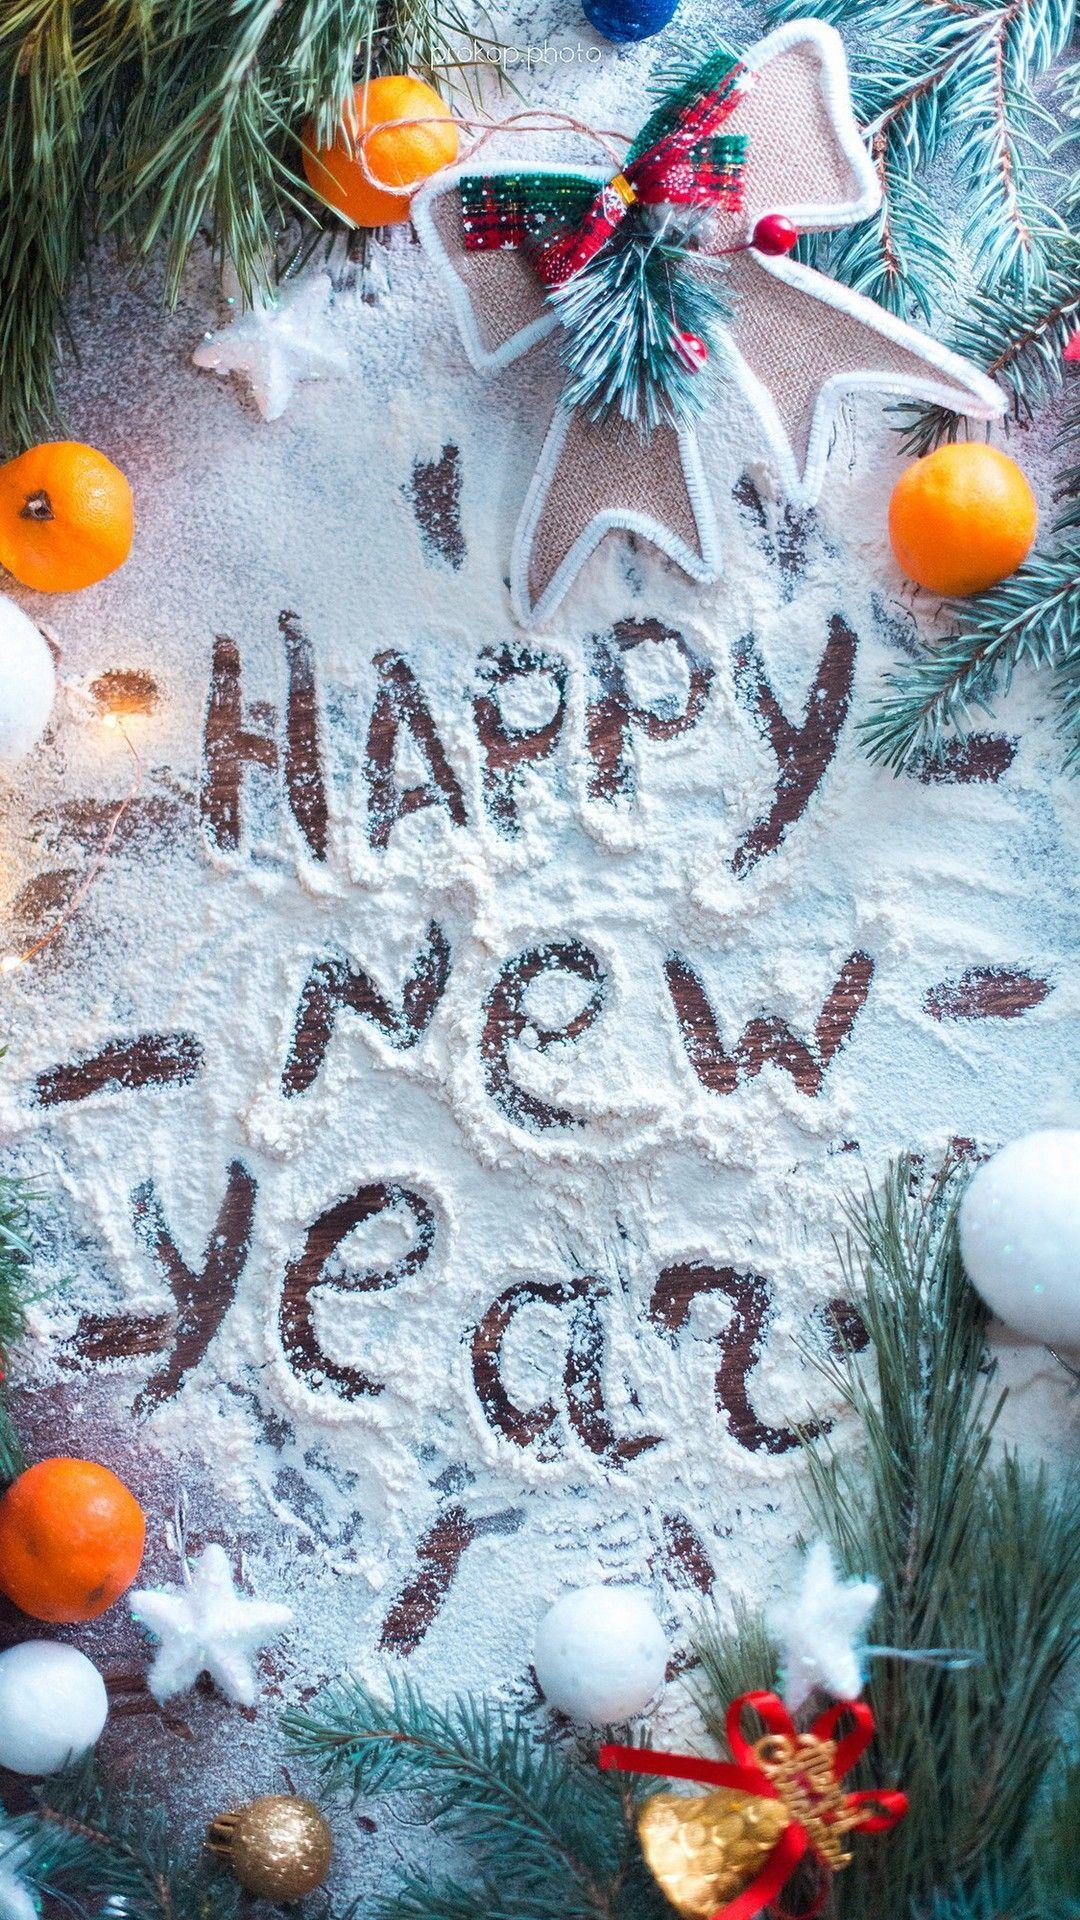 Happy New Year Wallpaper For Mobile Rozhdestvenskie Pozdravleniya Novogodnie Otkrytki Rozhdestvenskie Otkrytki